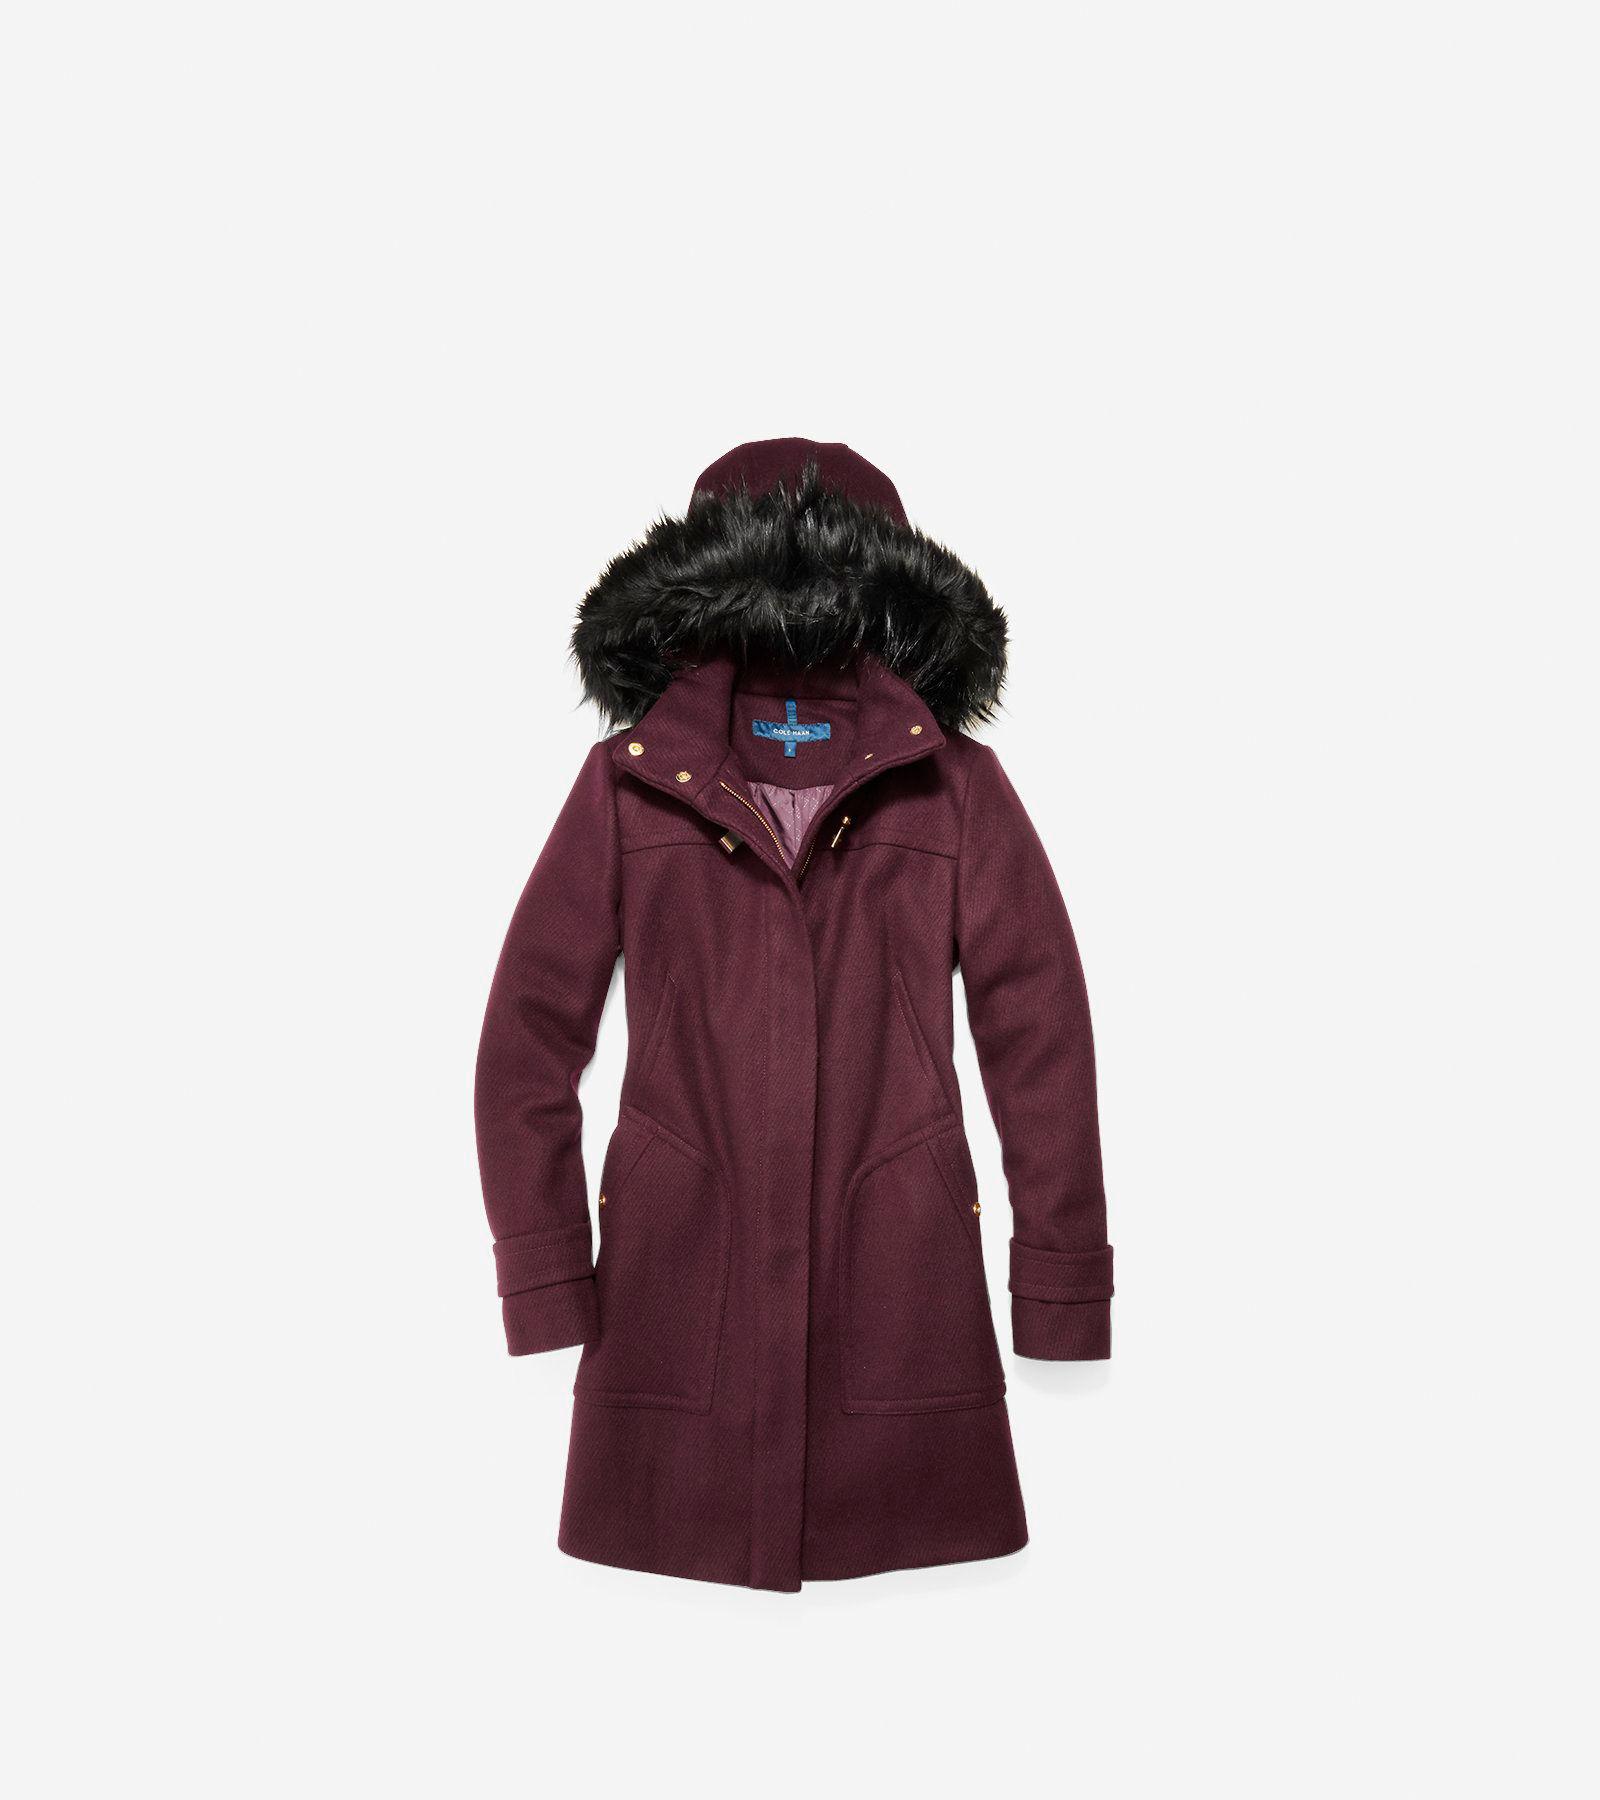 Women's Wool Twill Hooded Duffle Coat in Bordeaux | Cole Haan